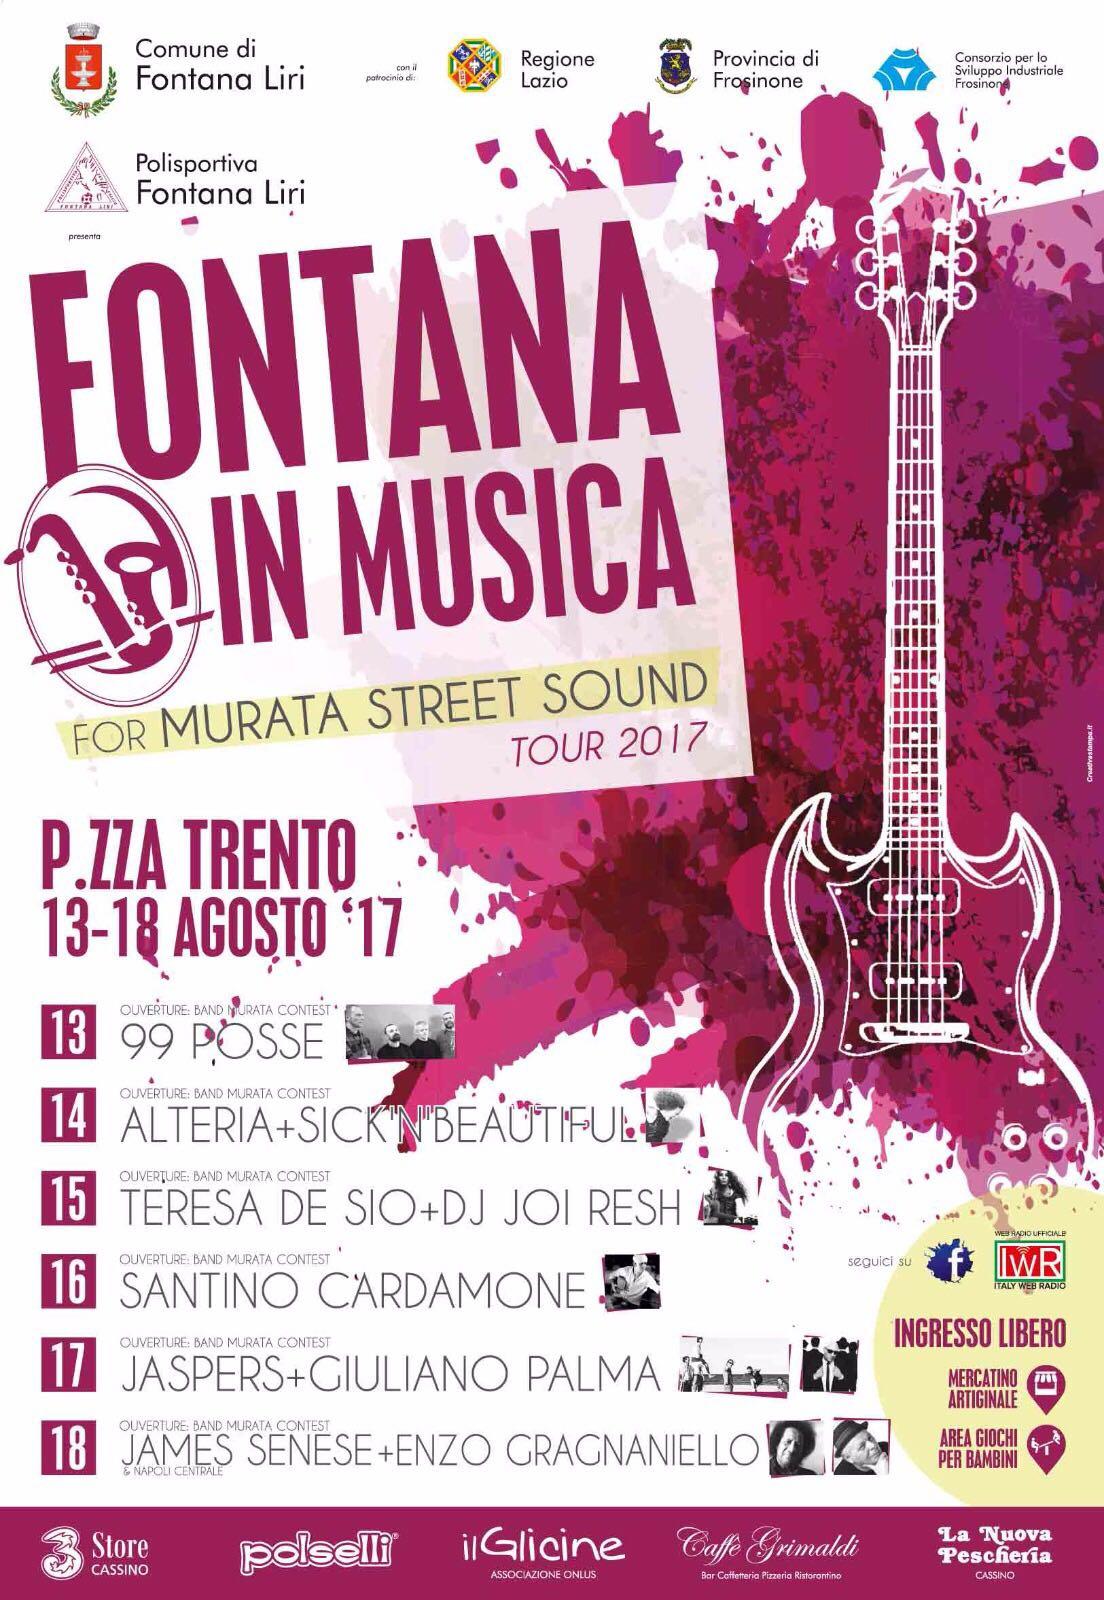 Italy Web Radio è la WEB RADIO UFFICIALE dell'evento FONTANA IN MUSICA